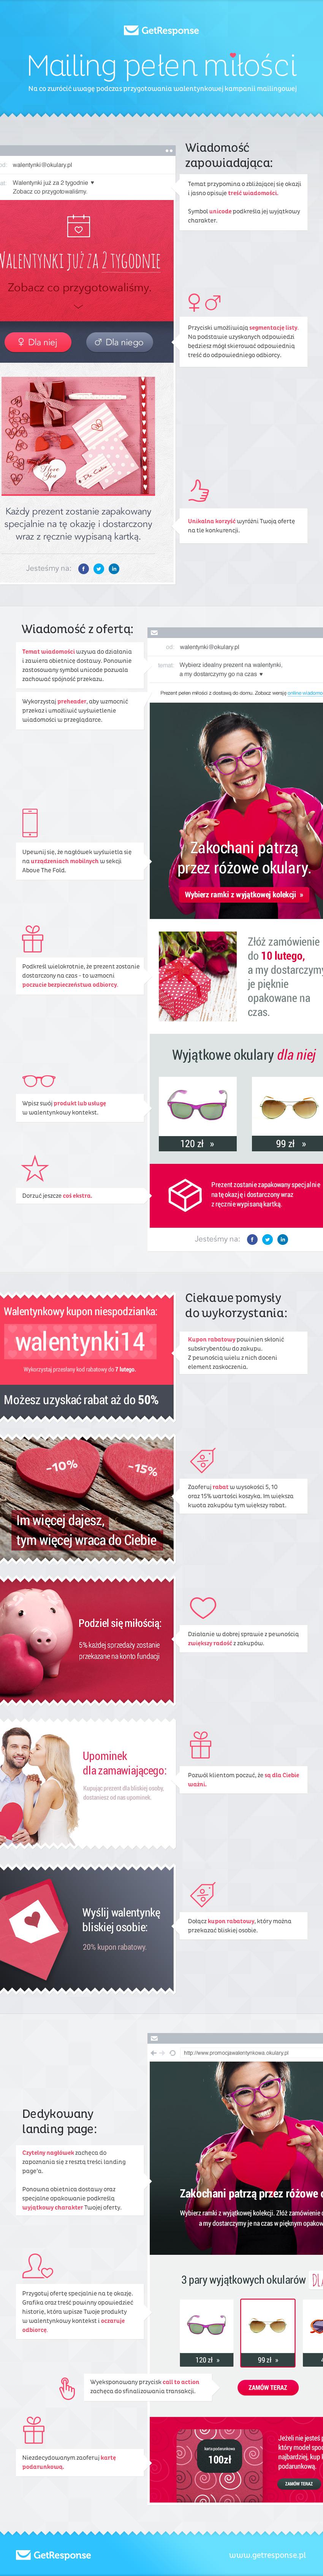 mailing_pelen_milosci